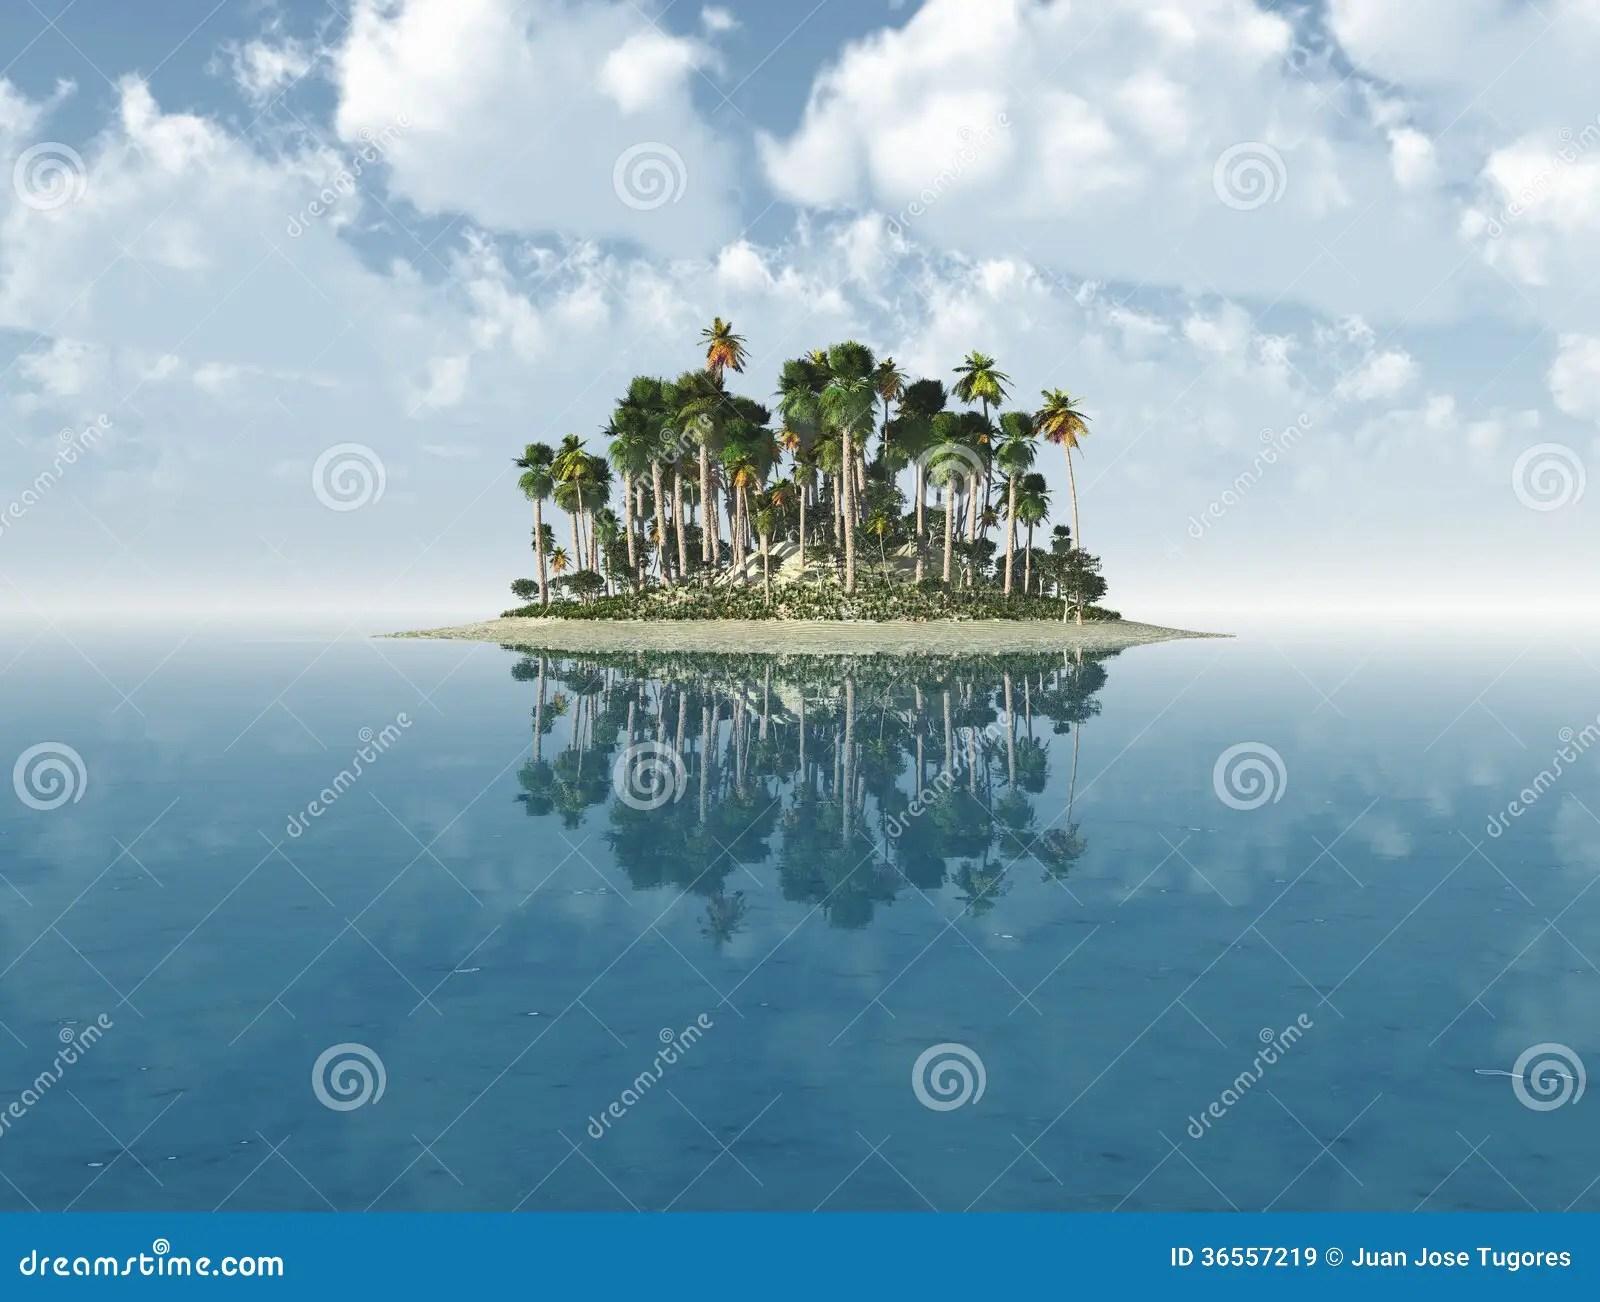 Lisola deserta immagine stock Immagine di turismo paesaggio  36557219